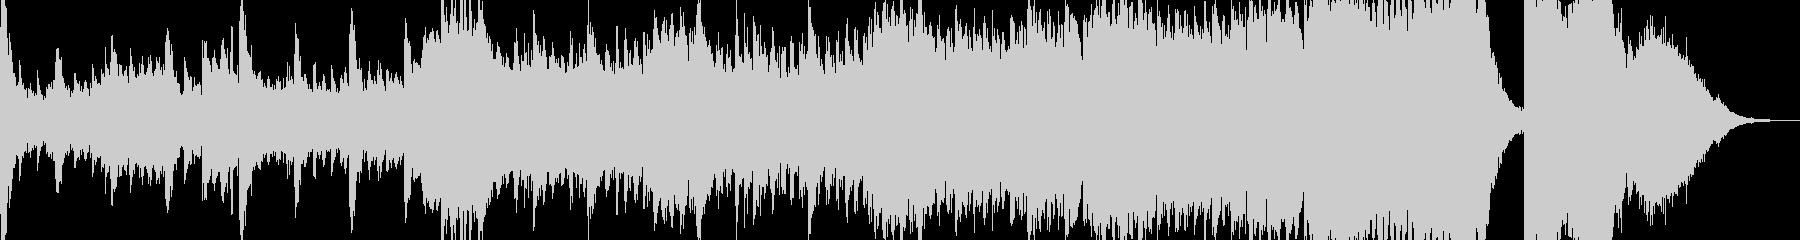 ストリングスの迫力が凄まじいクラシックの未再生の波形